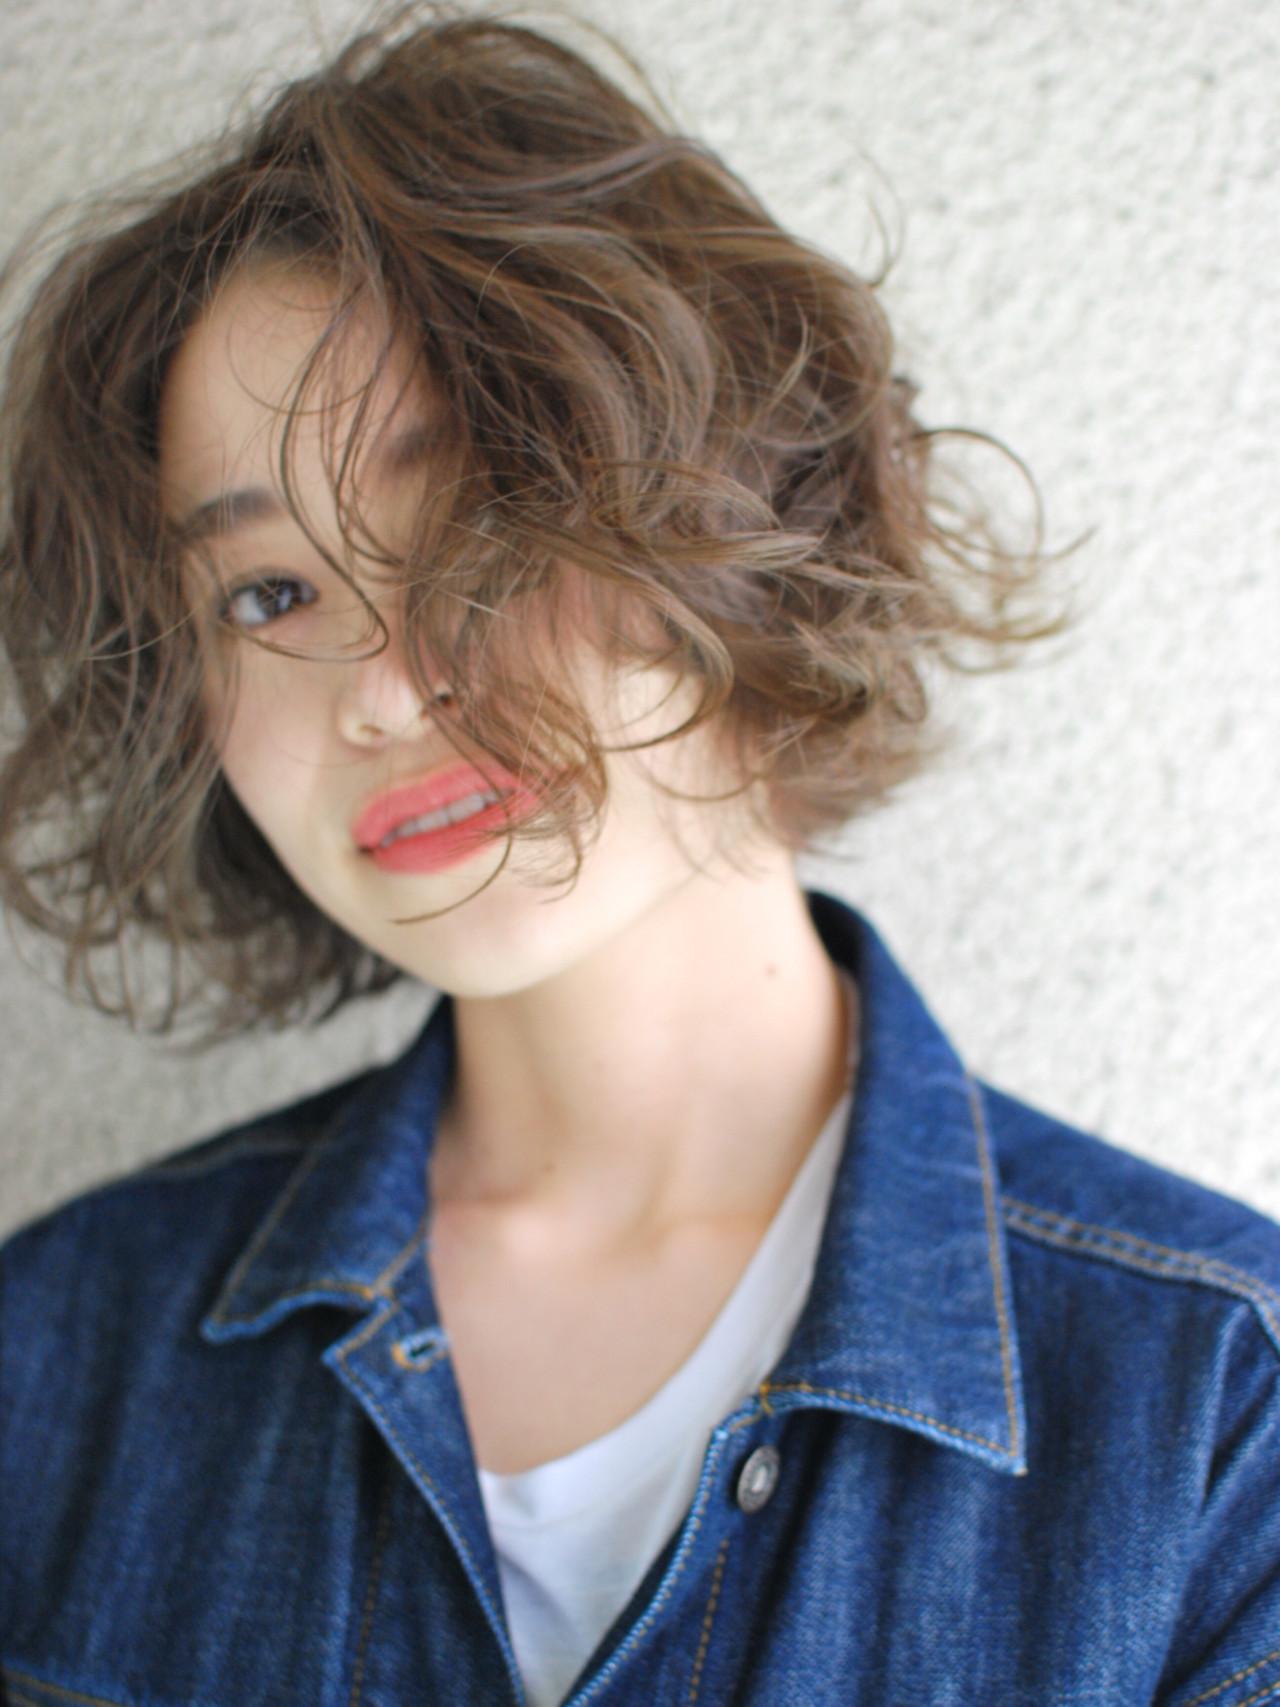 髪に透き通るような質感を!アッシュヘアカラーで理想の抜け感を手に入れる 大倉 聖由/HALS hairplace